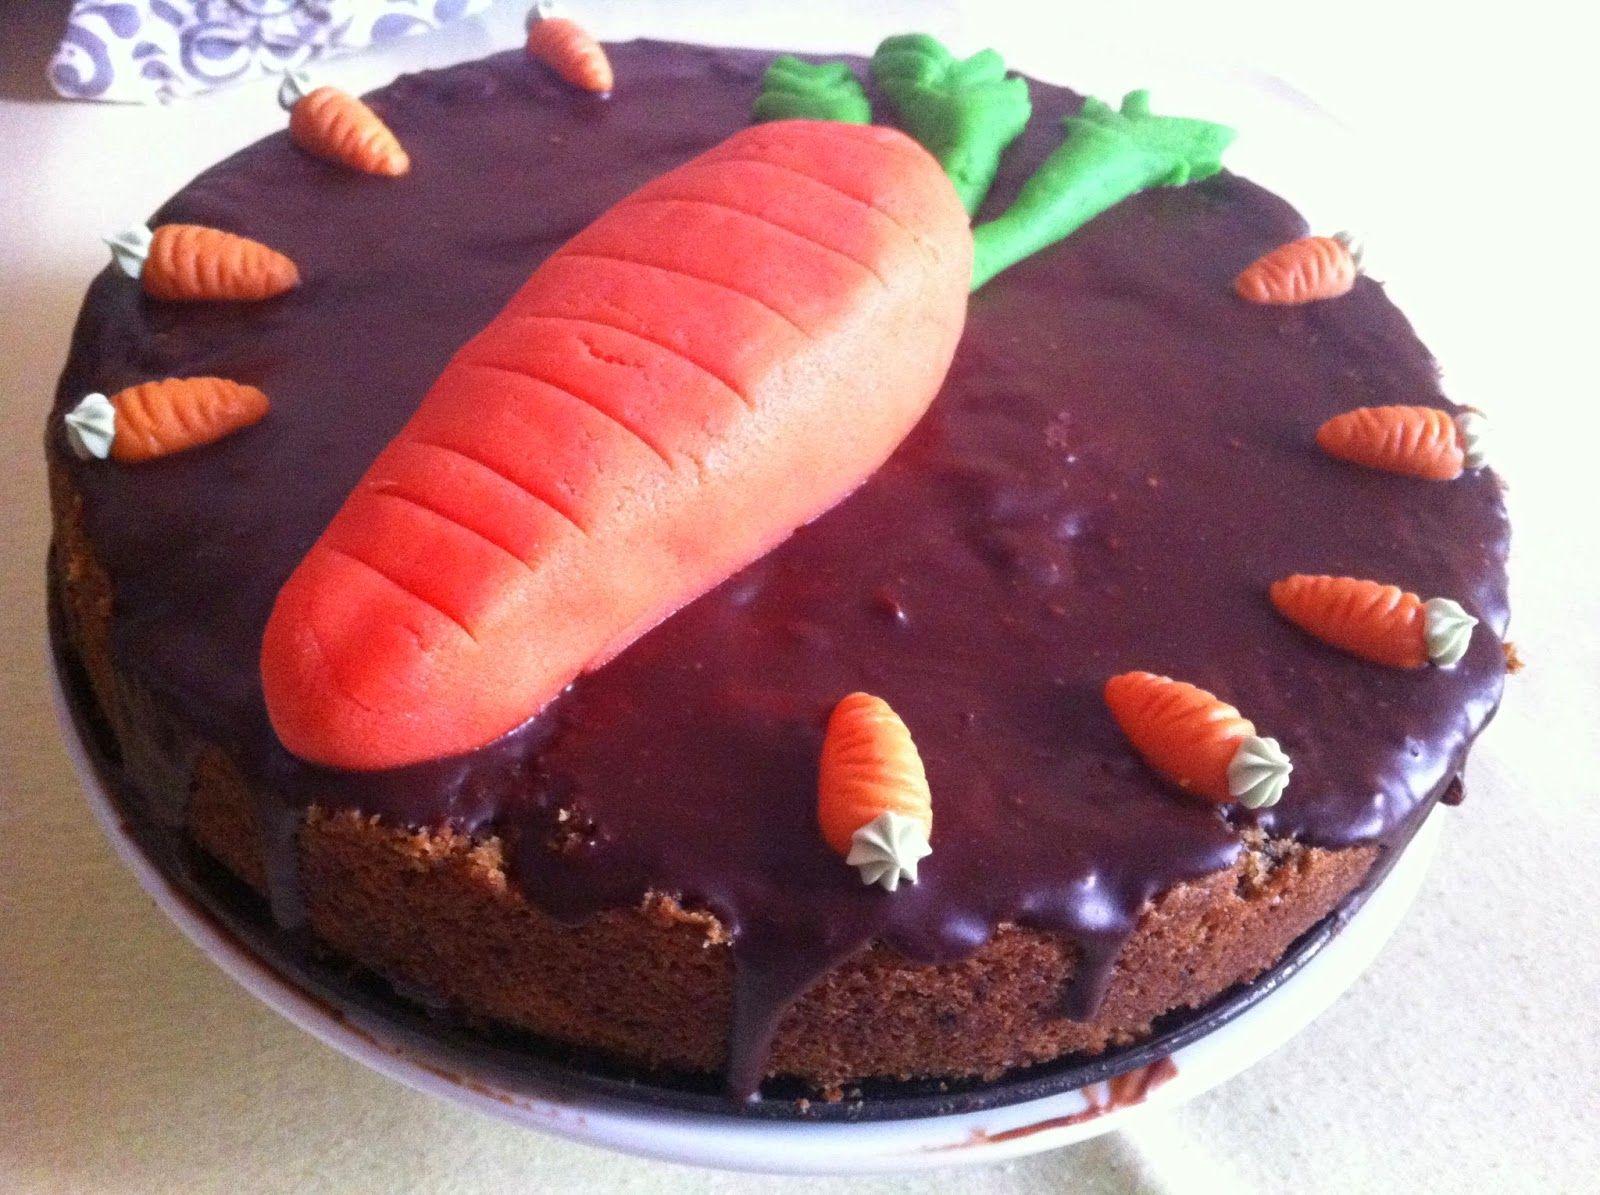 Last but not Least: Ein saftiger Karottenkuchen diente auch für die Geburtstagsparty bei Petzi